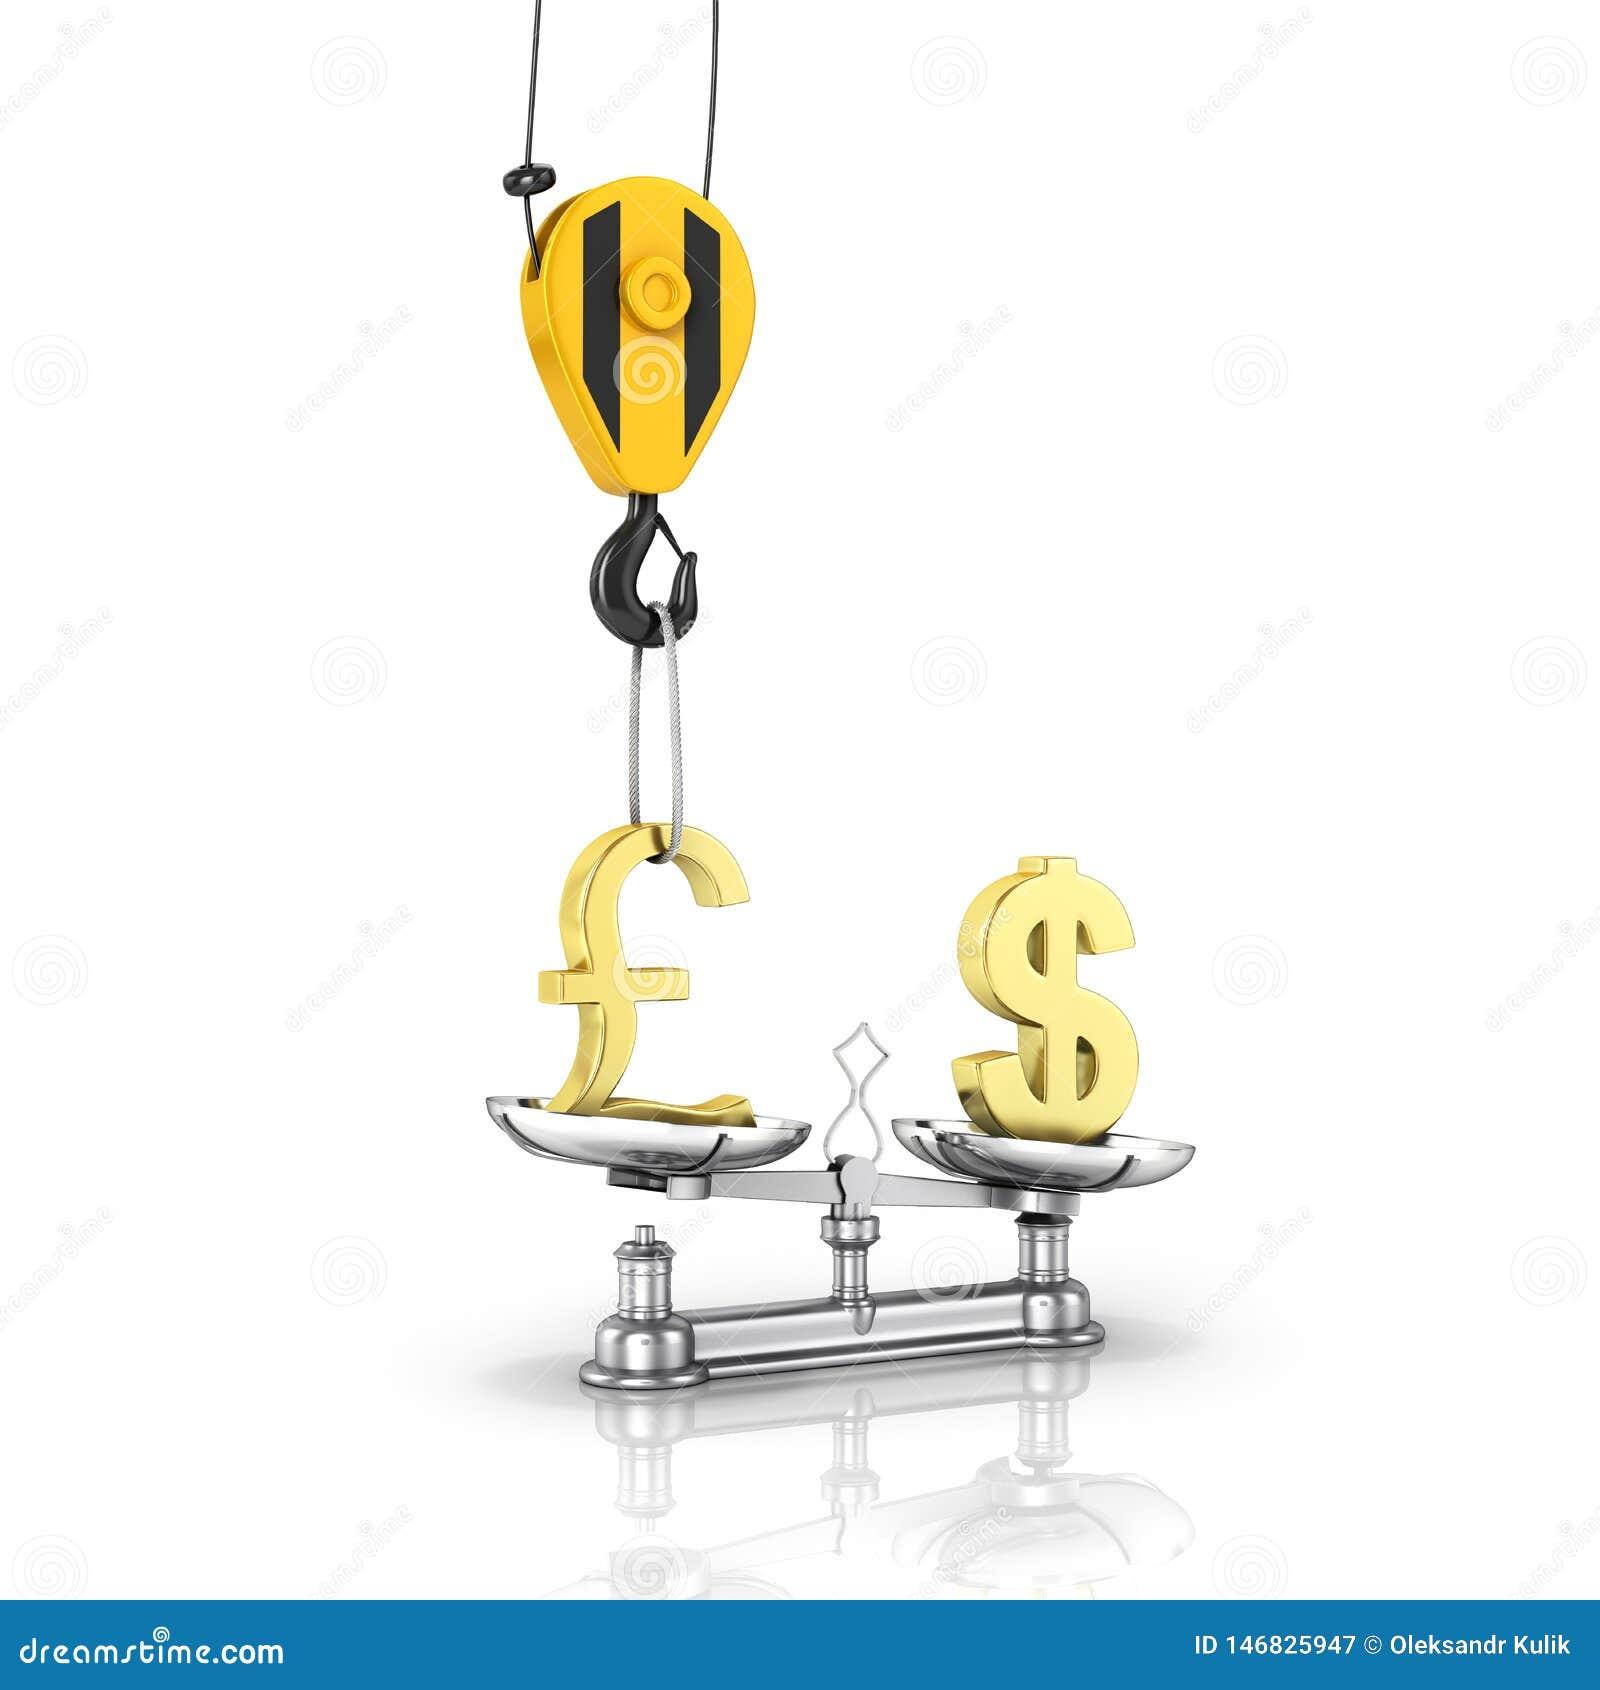 Η έννοια του δολαρίου υποστήριξης συναλλαγματικής ισοτιμίας εναντίον της λίβρας ο γερανός τραβά τη λίβρα επάνω και χαμηλώνει το δ